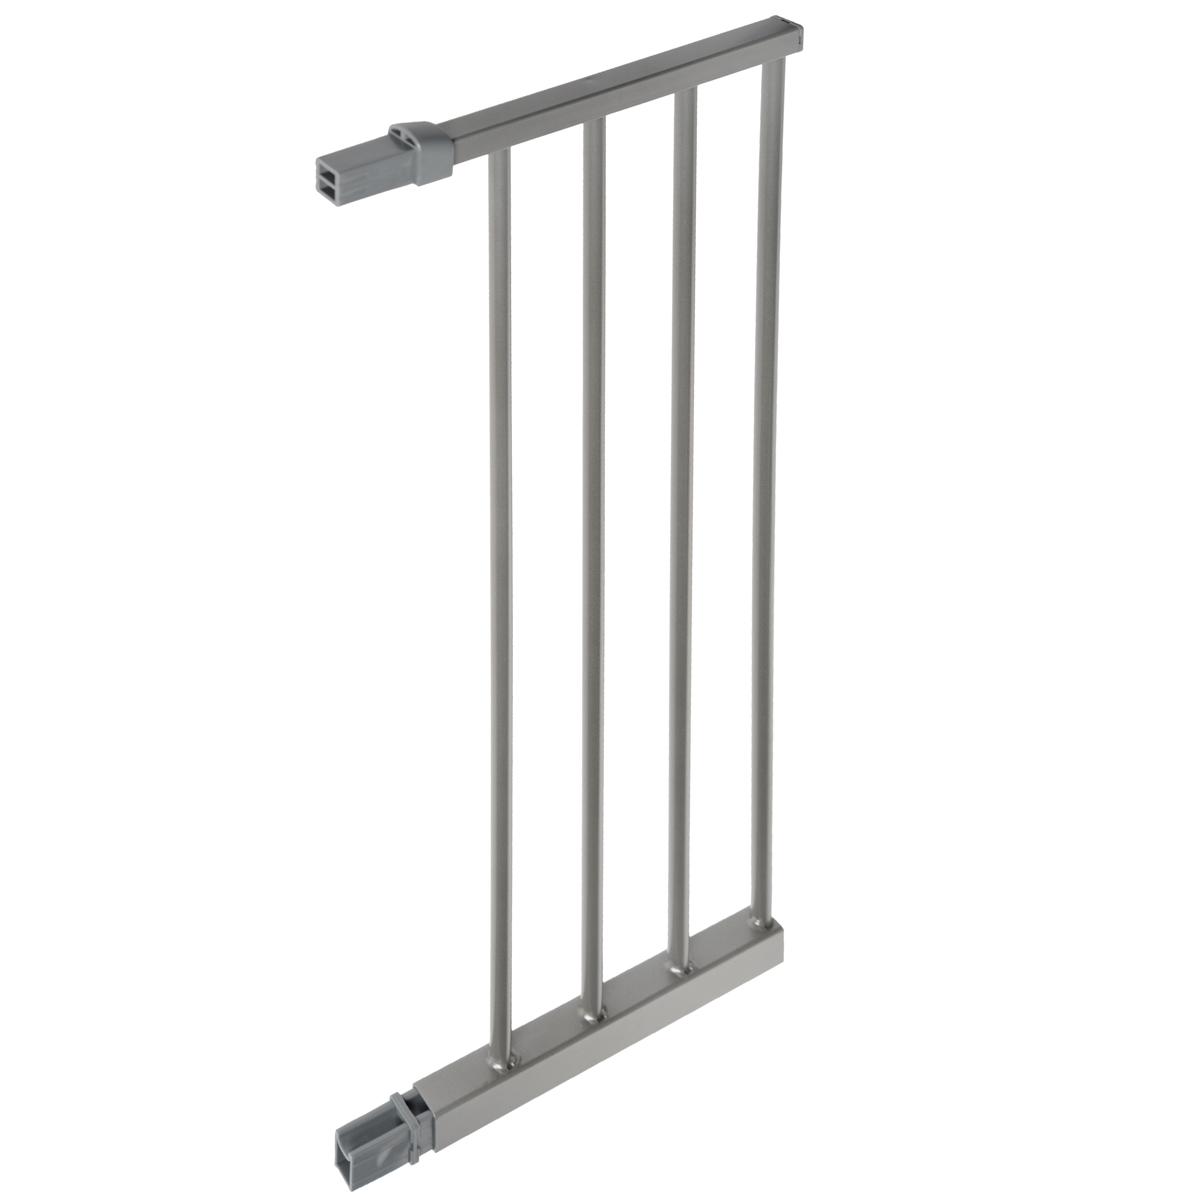 Дополнительная секция к защитным воротам Lindam Sure Shut, цвет: серебристый, 28 см4451301Дополнительная секция к защитным воротам Lindam Sure Shut, выполненная из металла серебристого цвета подходят к Lindam Sure Shut Deco 75-82 см. Дополнительная секция позволяет увеличить ширину ворот на 28 см. С каждой стороны ворот можно устанавливать по 2 дополнительных секции и даже более, если не уменьшается их устойчивость.